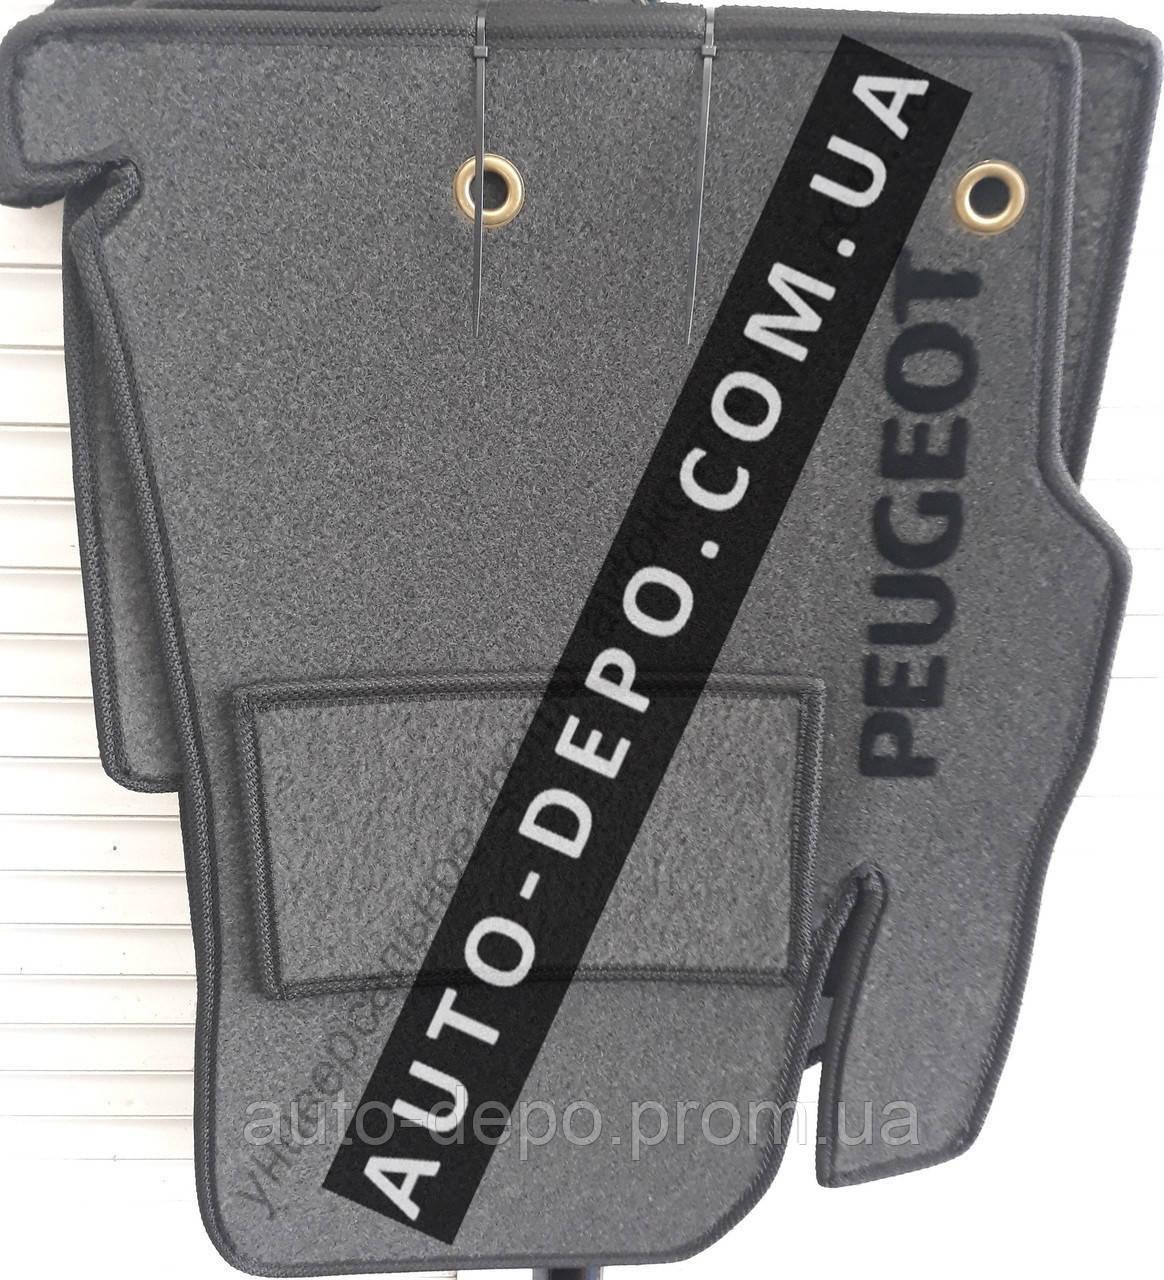 Ворсовые коврики салона Peugeot 405 1987-1997 VIP ЛЮКС АВТО-ВОРС